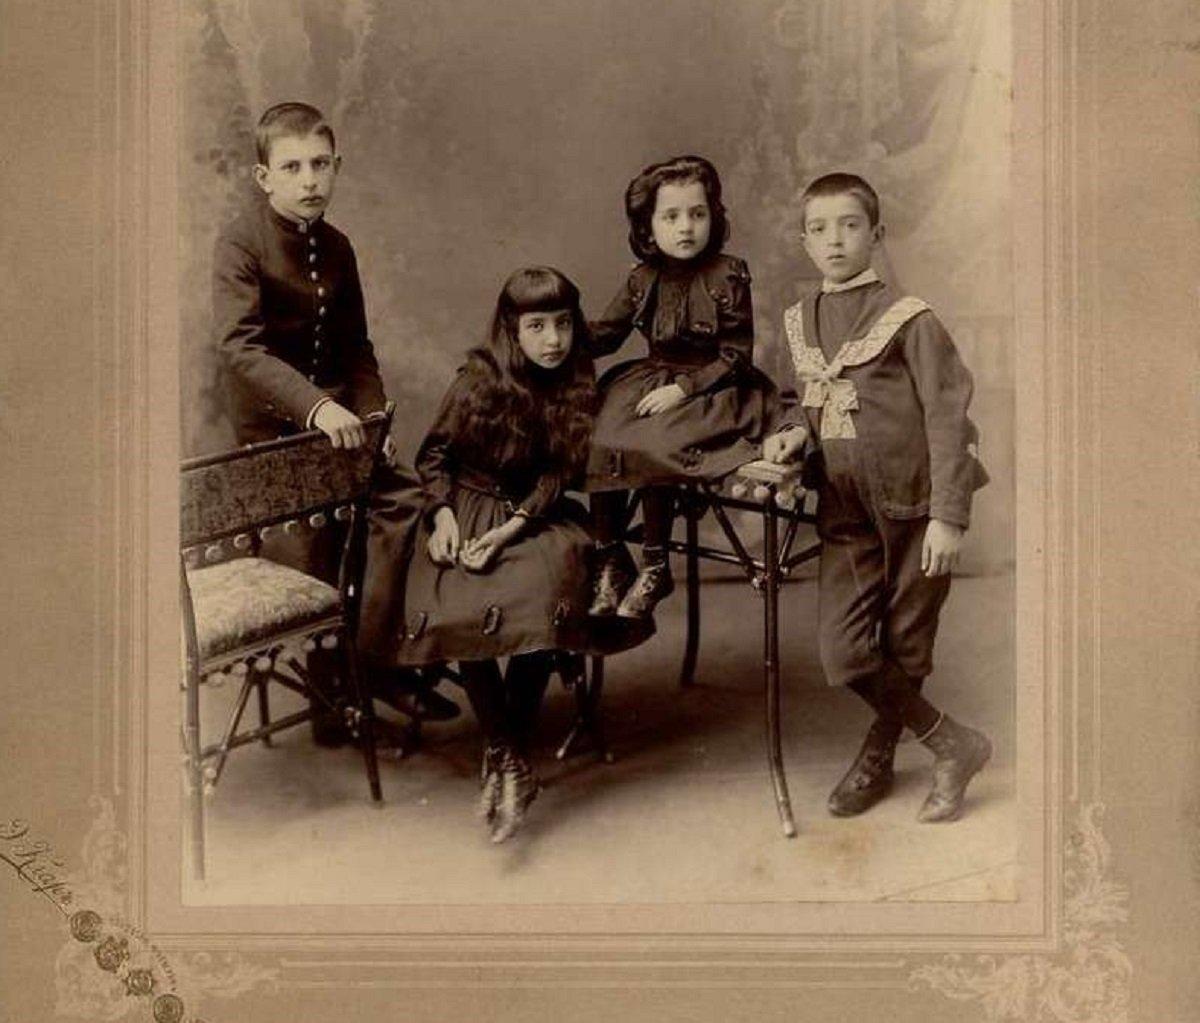 Ясон, Даро, Нино и Георгий Габашвили